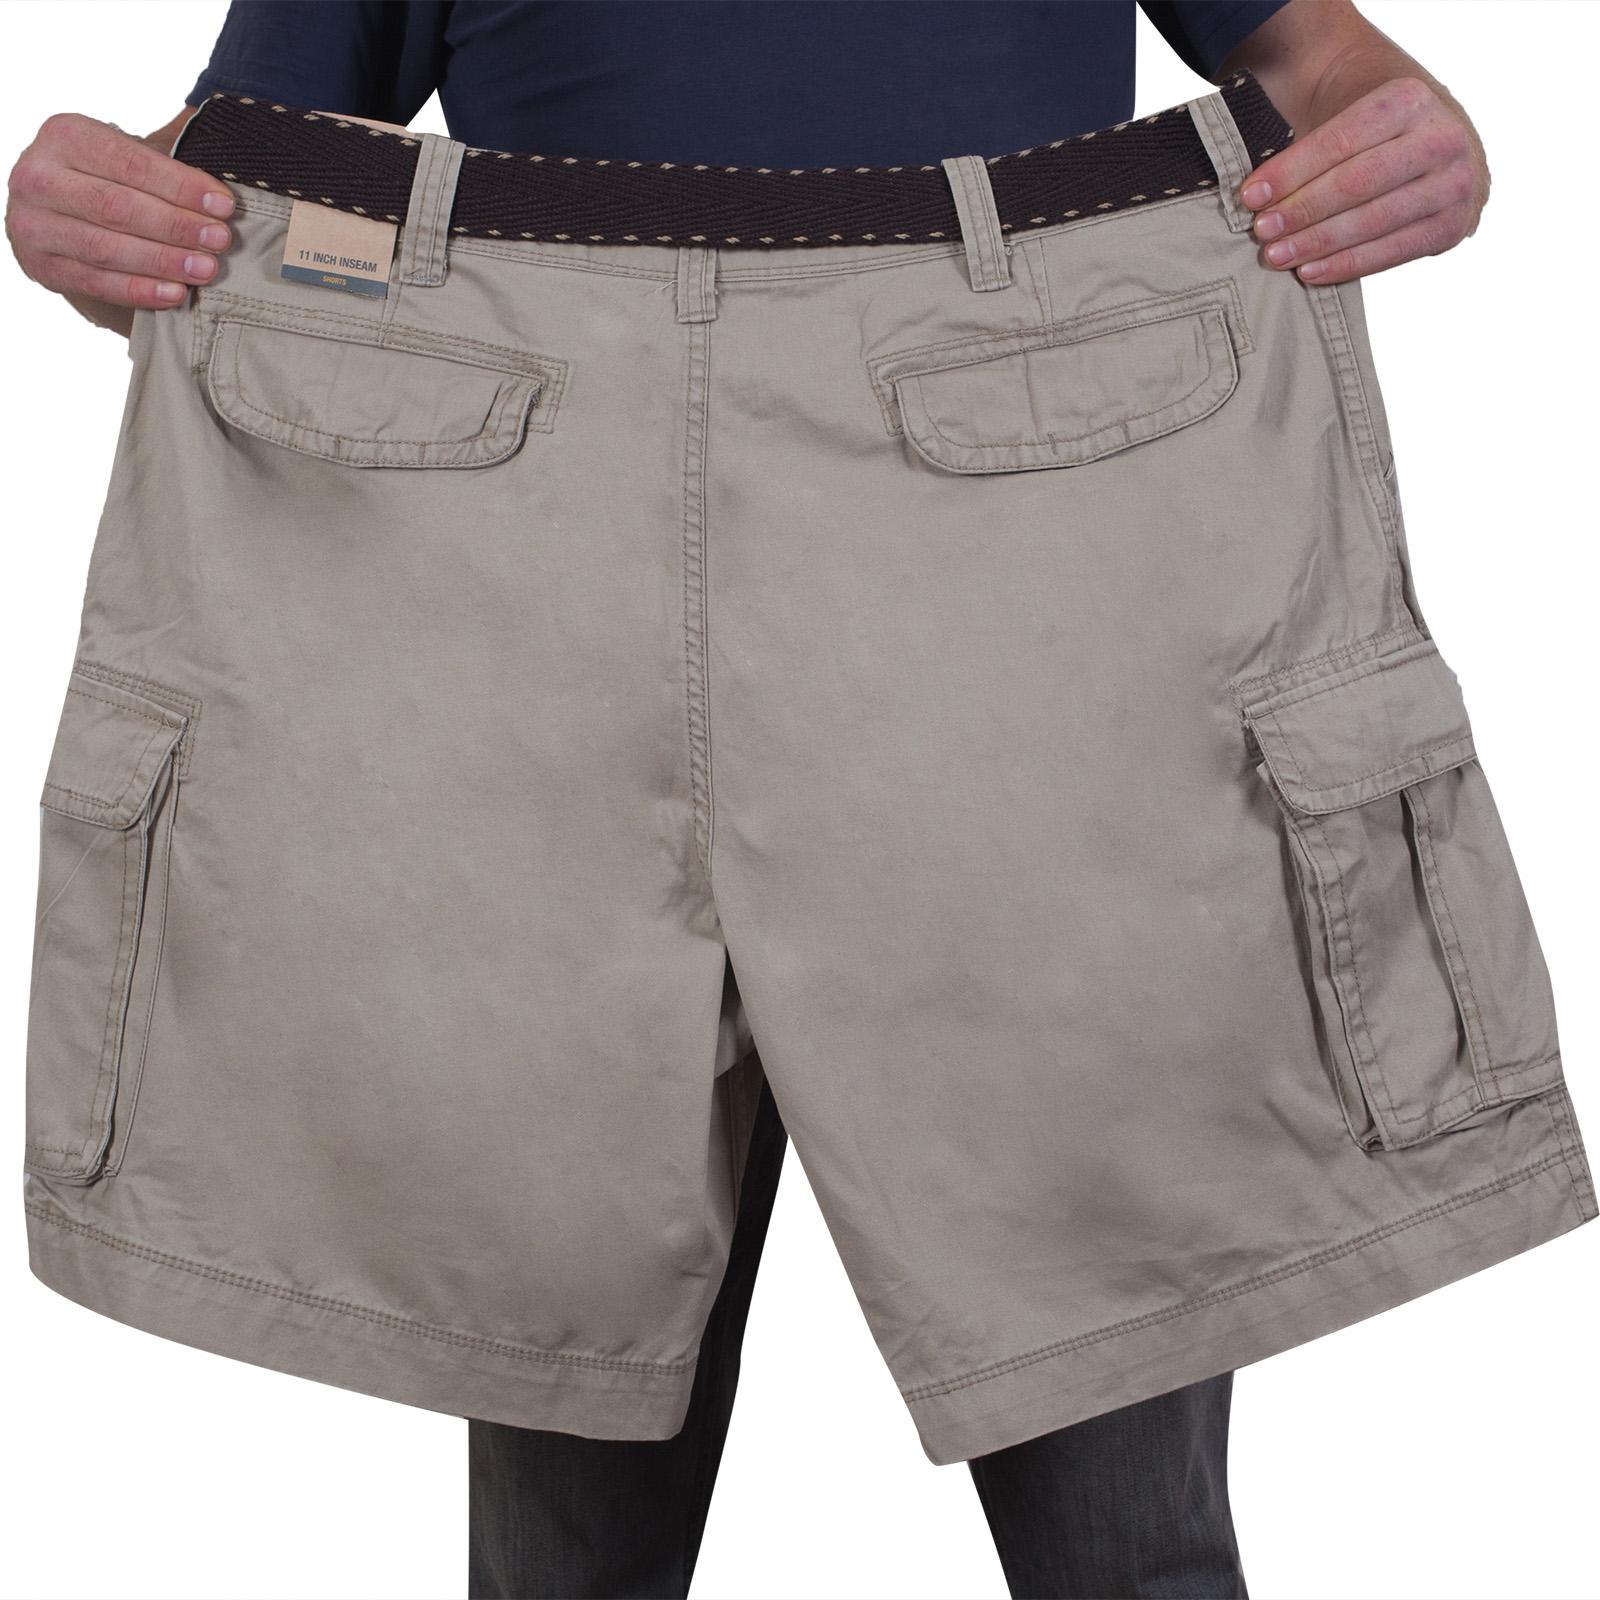 Заказать мужские шорты баталы с доставкой